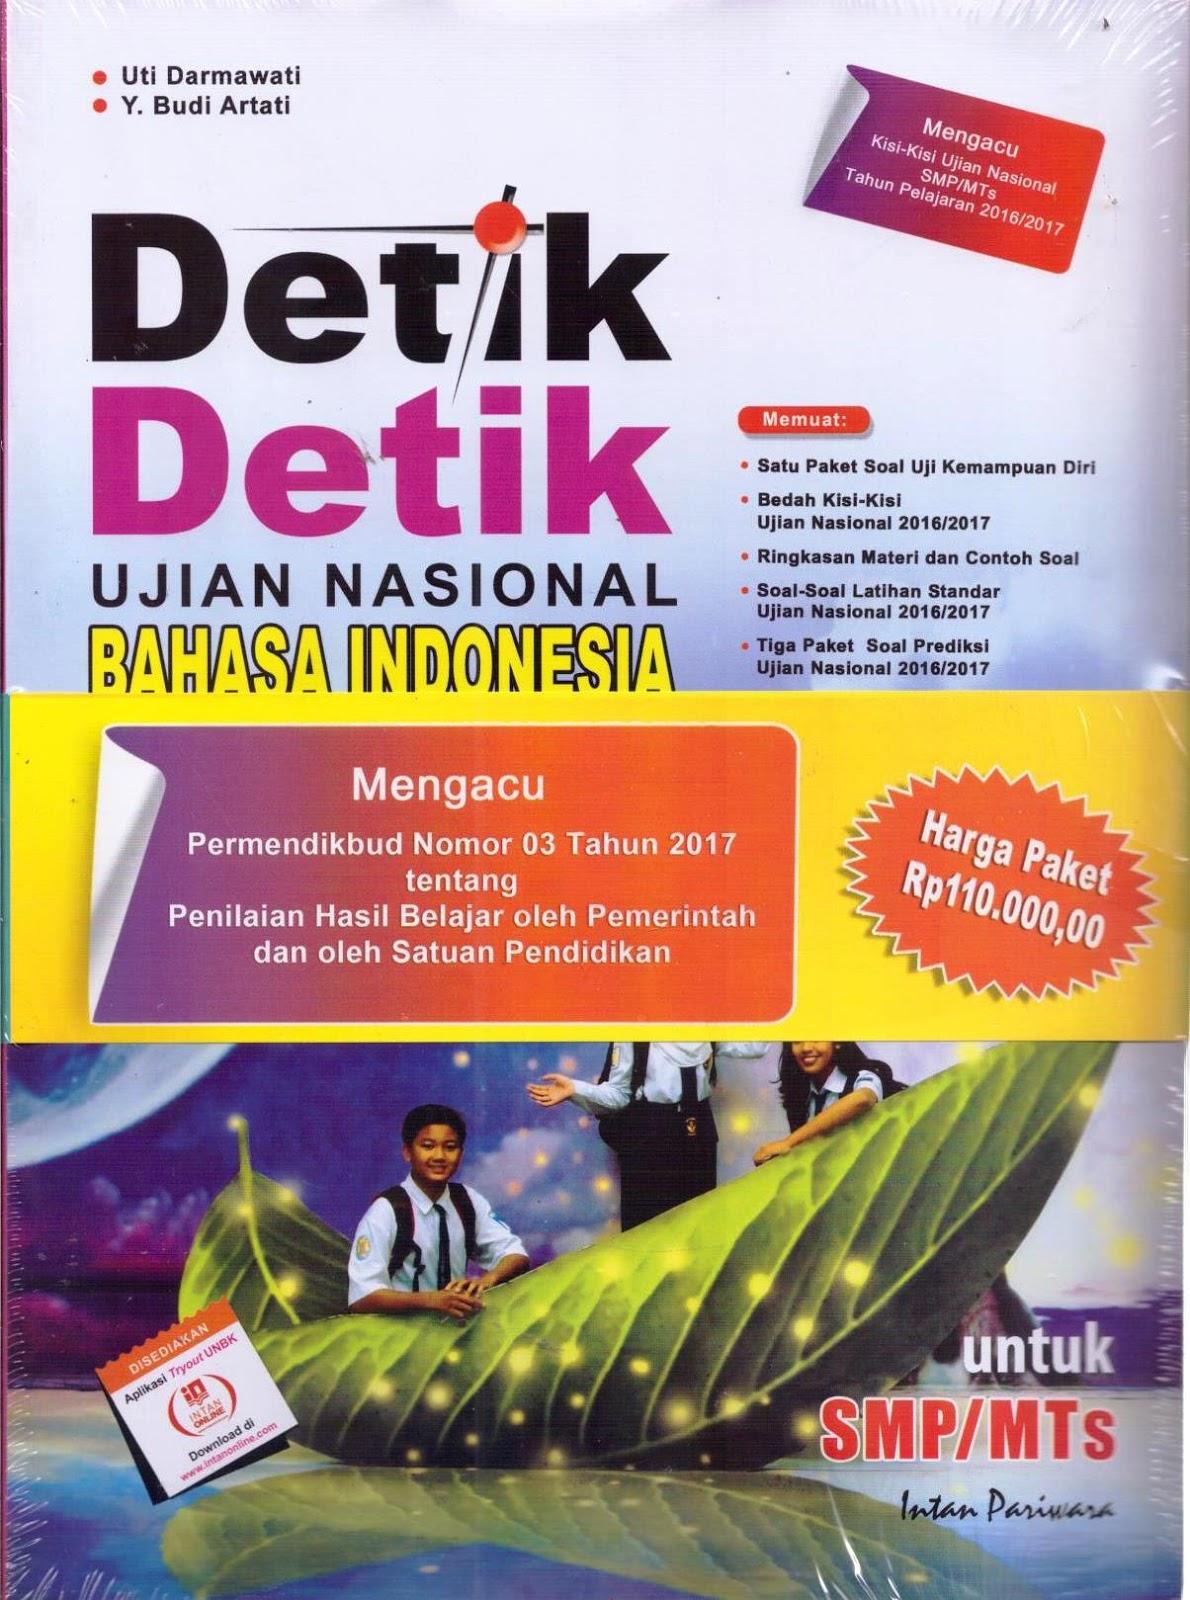 DETIK DETIK UN SMP 2017/2018 ~ Buku Intan Pariwara